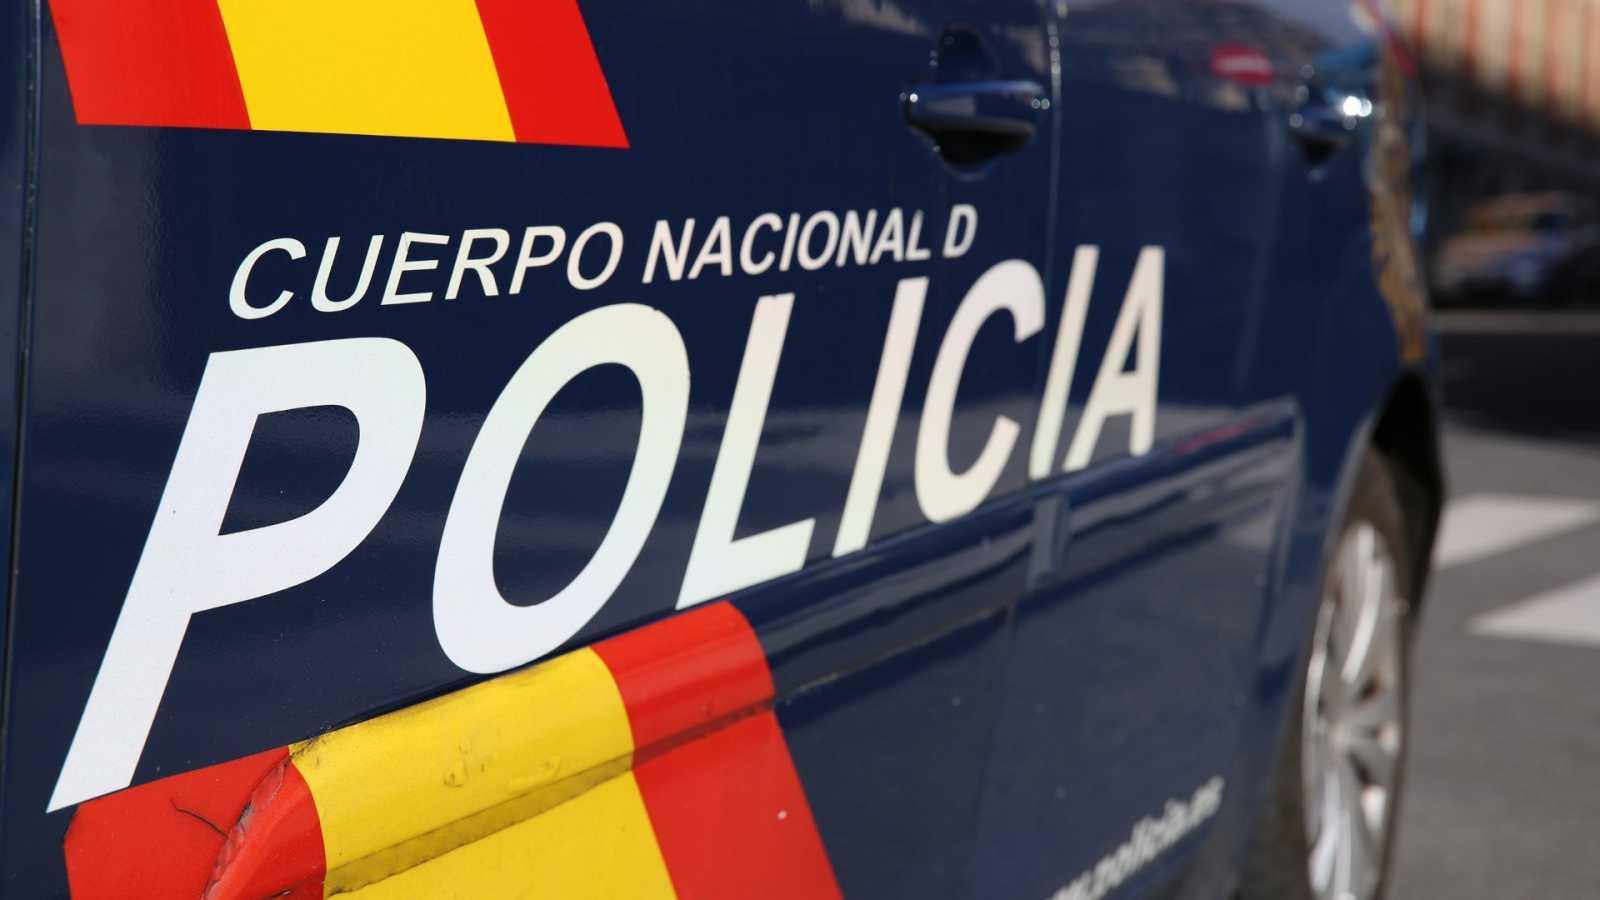 Detenida una mujer por matar presuntamente a su pareja en Manacor, Mallorca